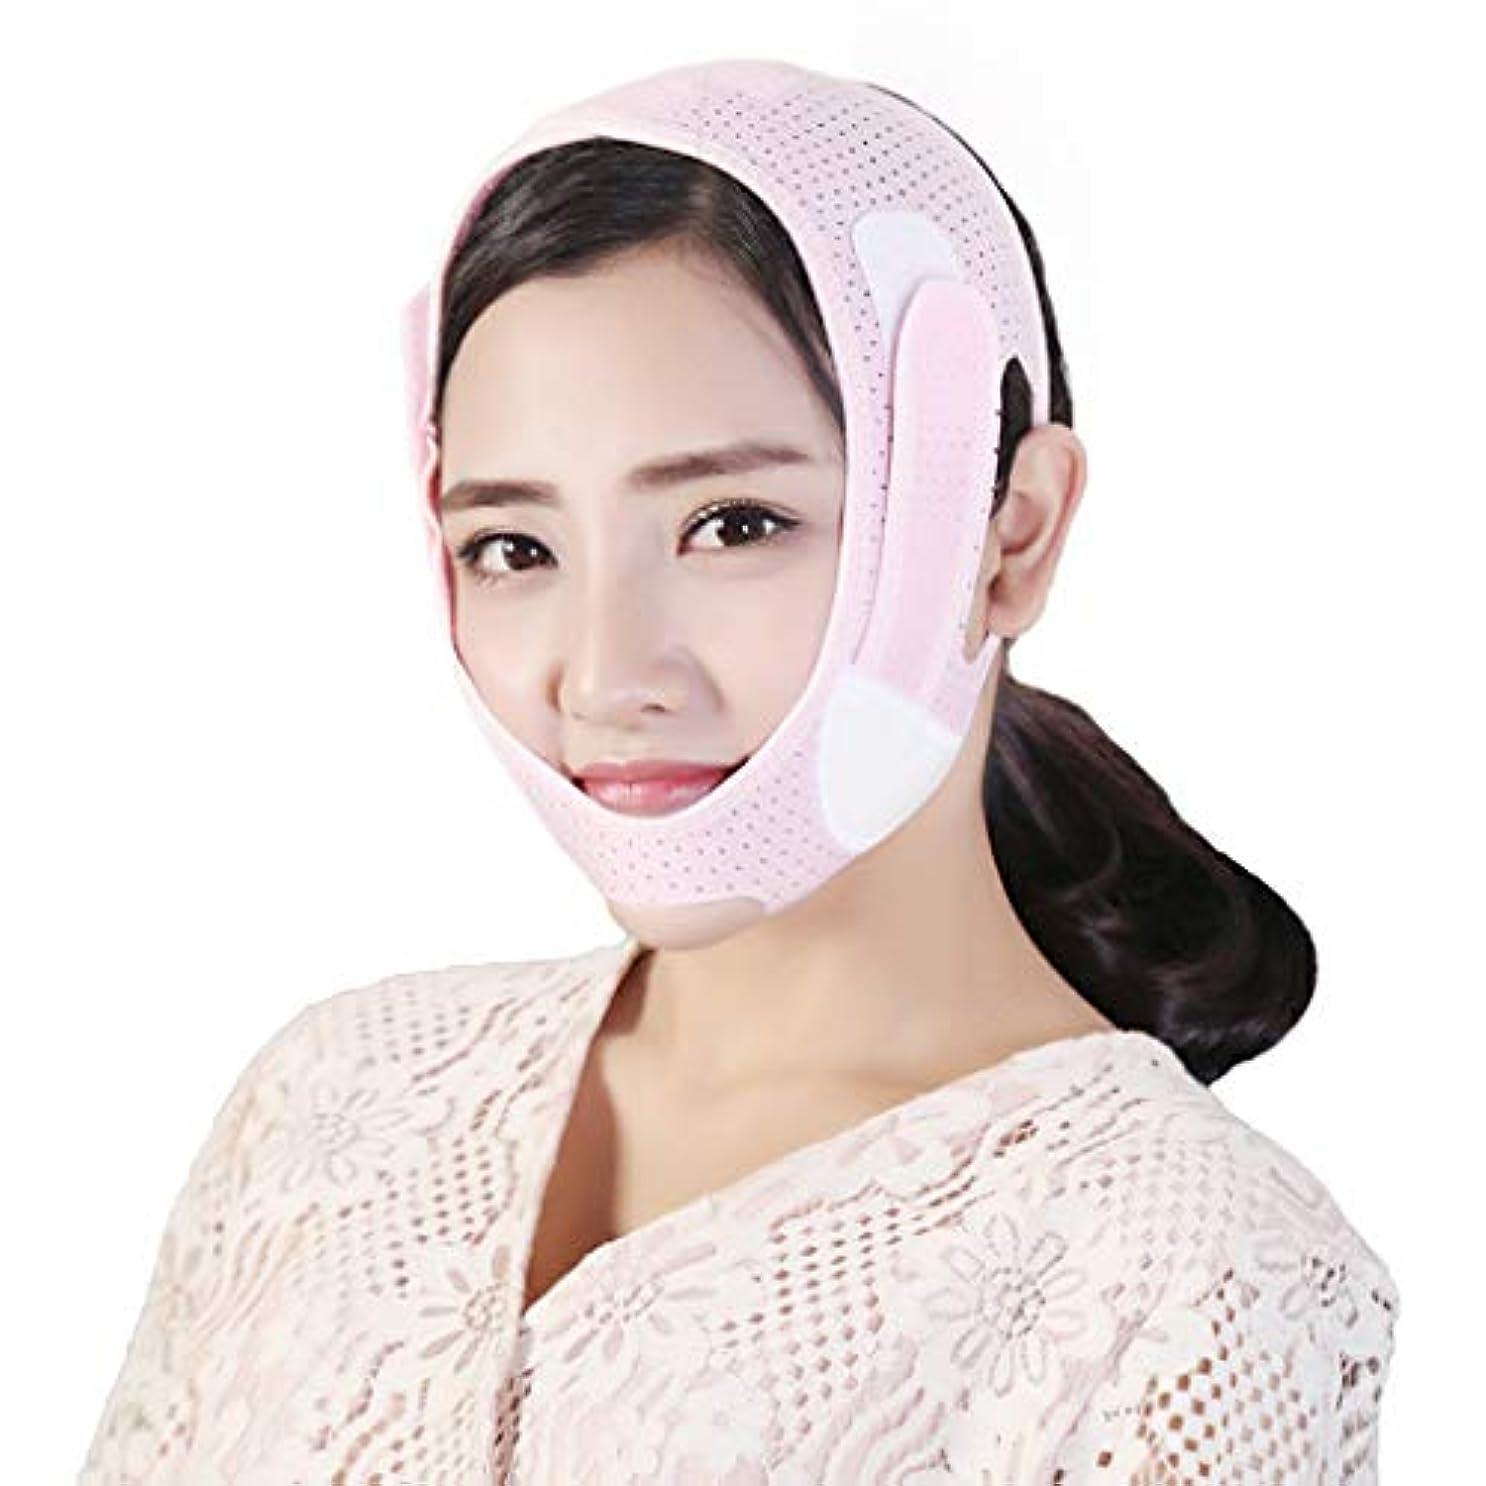 明らかにする健康的寂しい減量マスク薄い顔のマスクV顔の薄い顔の咬筋ダブル顎の包帯睡眠マスクの通気性